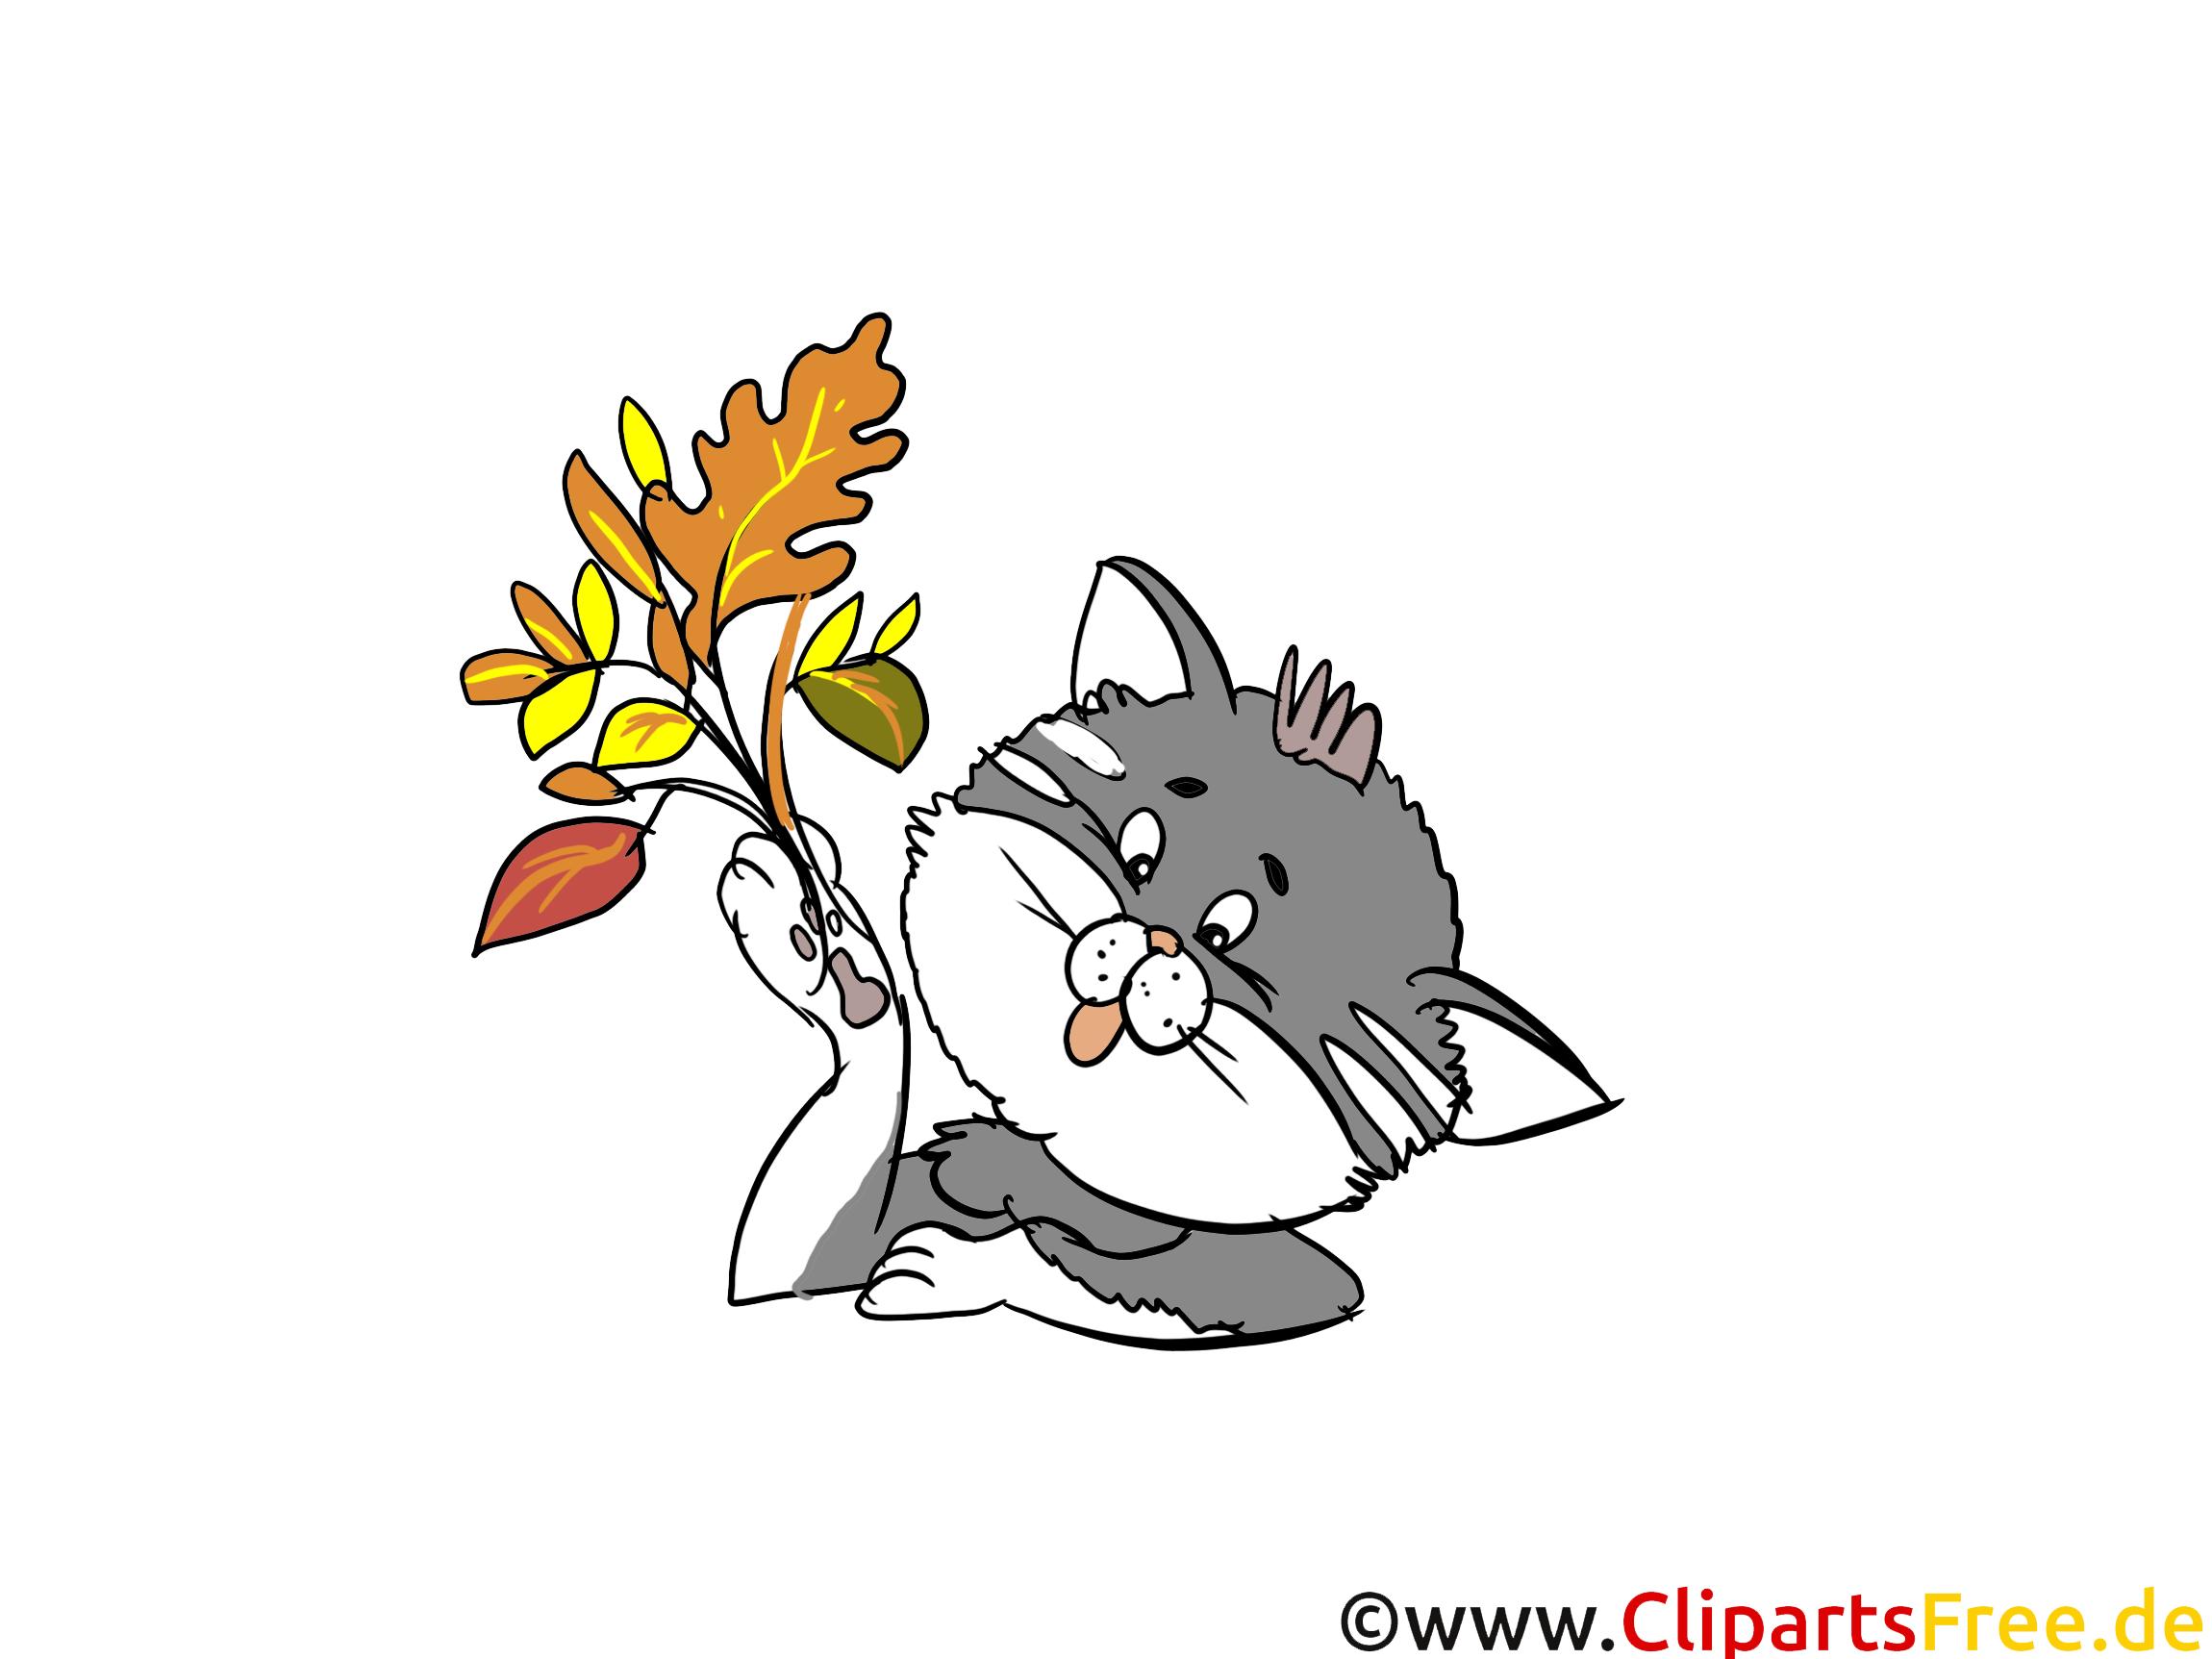 Images chat automne dessins gratuits automne dessin picture image graphic clip art - Telecharger image de chat gratuit ...